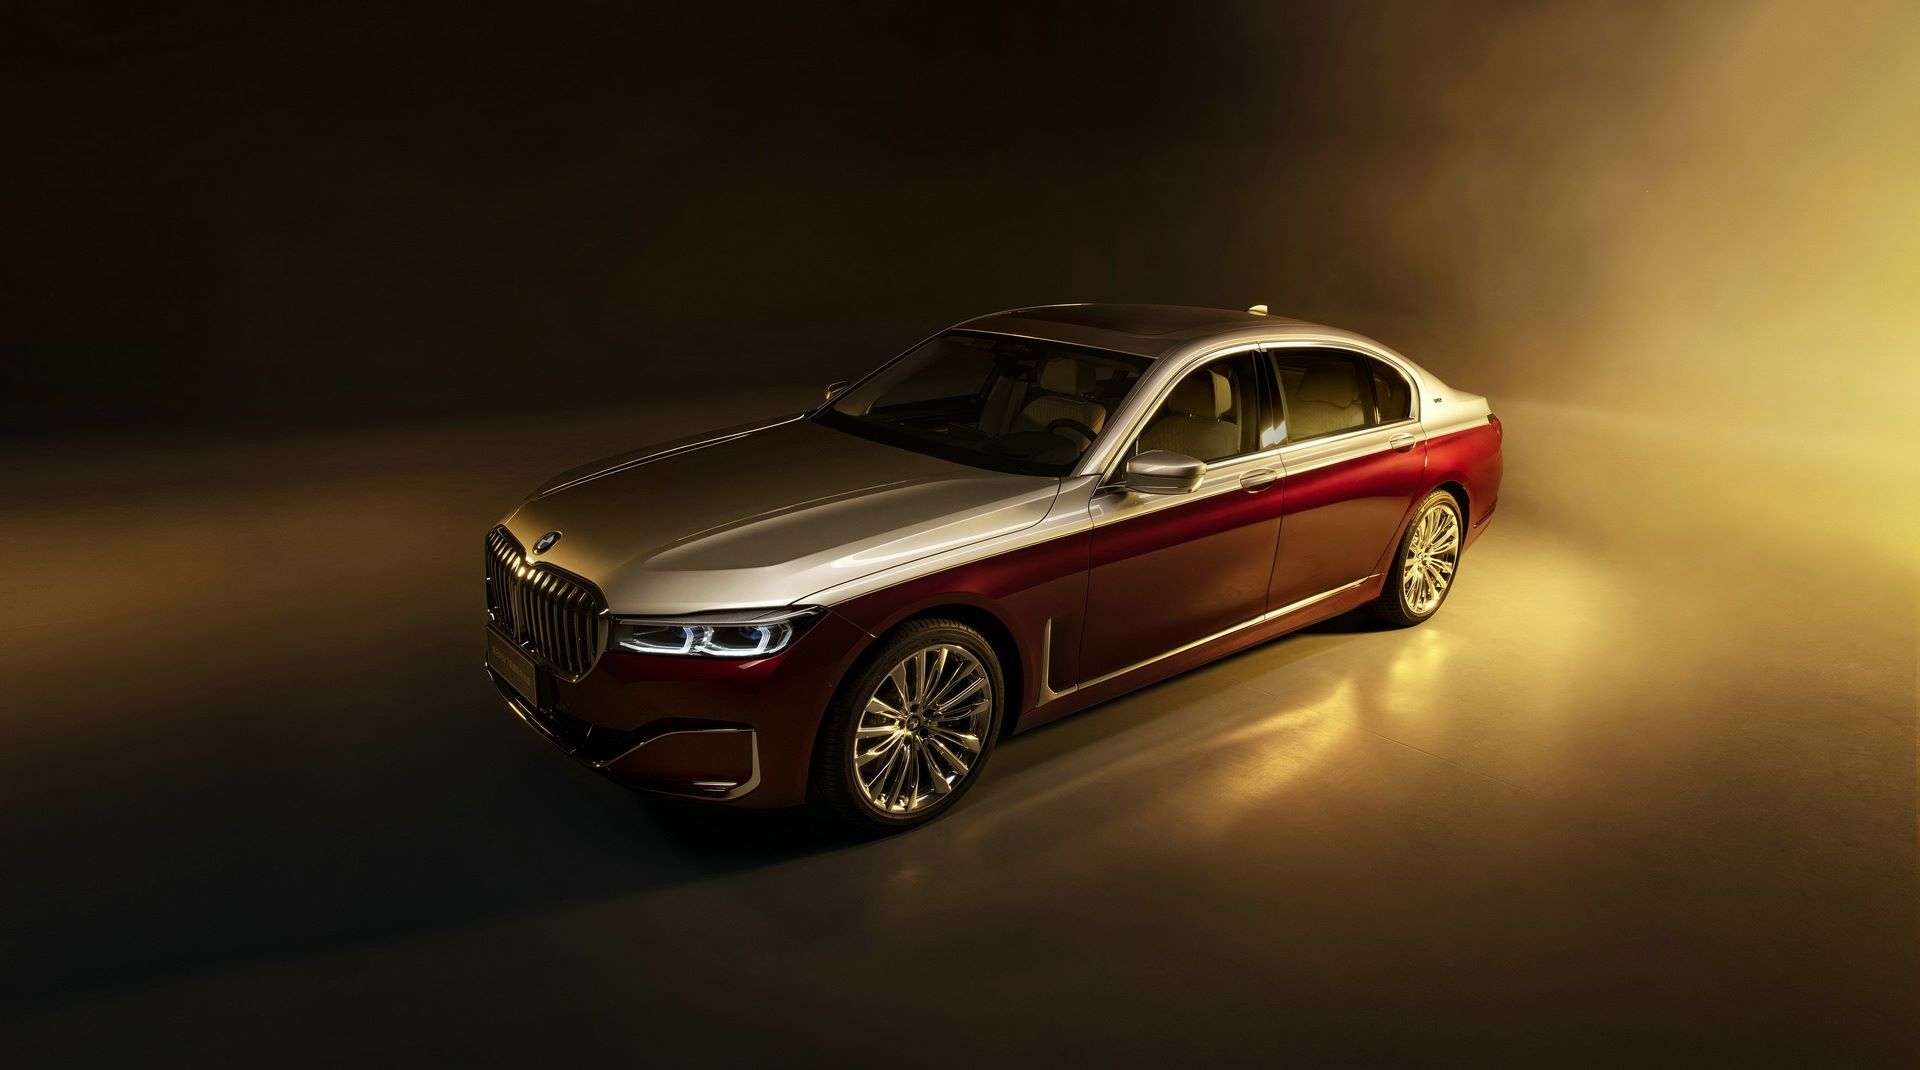 BMW-760Li-Shining-Shadow-Special-Edition-2